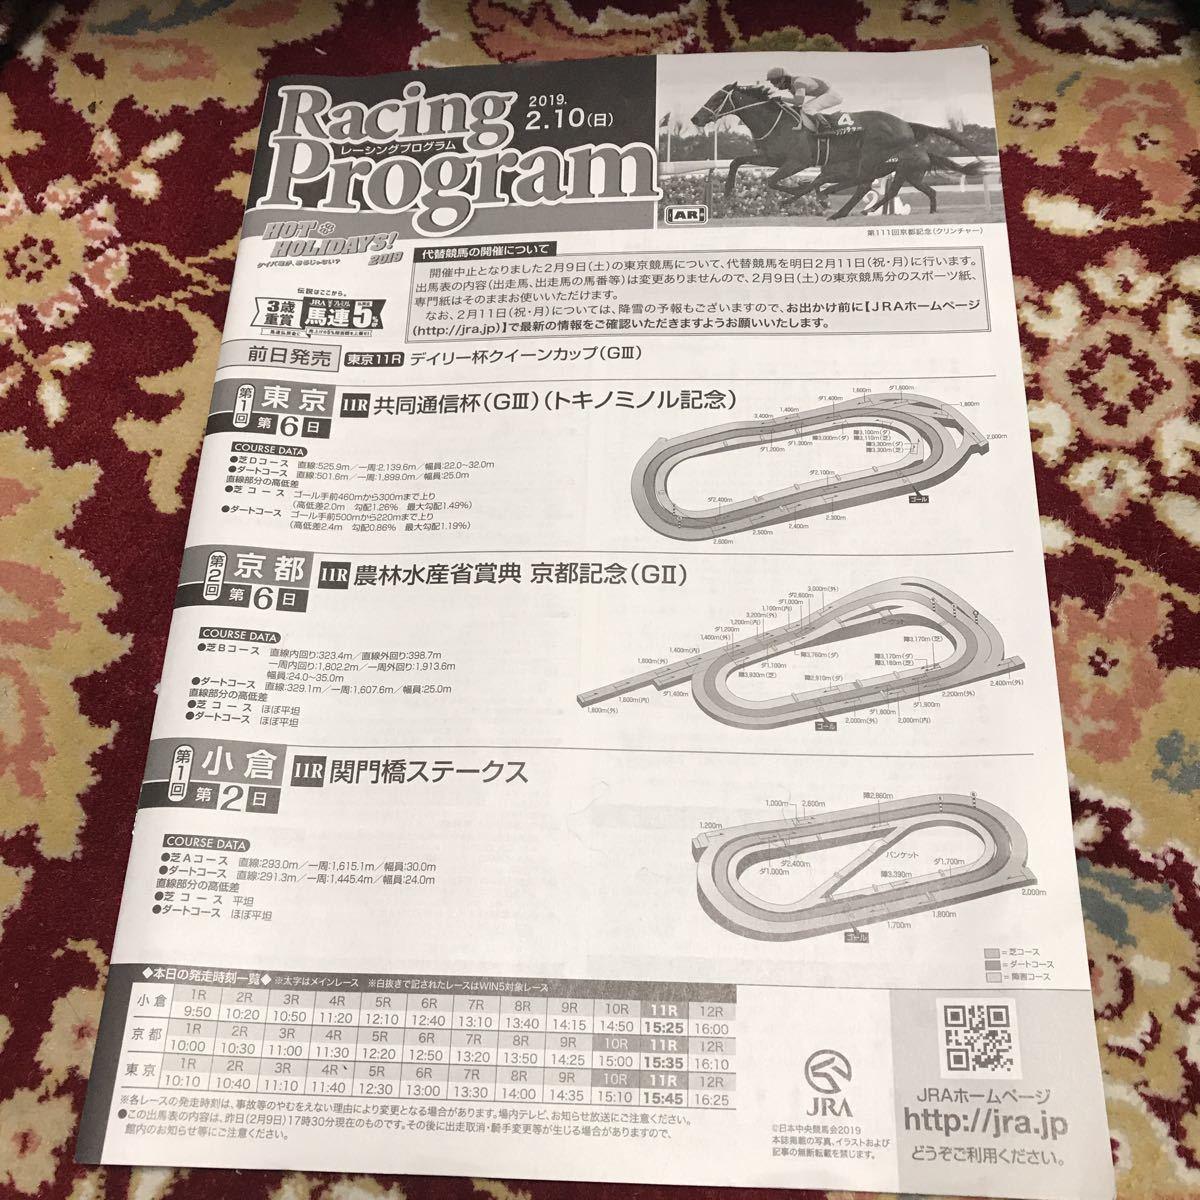 JRAレーシングプログラム2019.2.10(日)共同通信杯(GⅢ)、京都記念(GⅡ)、関門橋ステークス_画像1